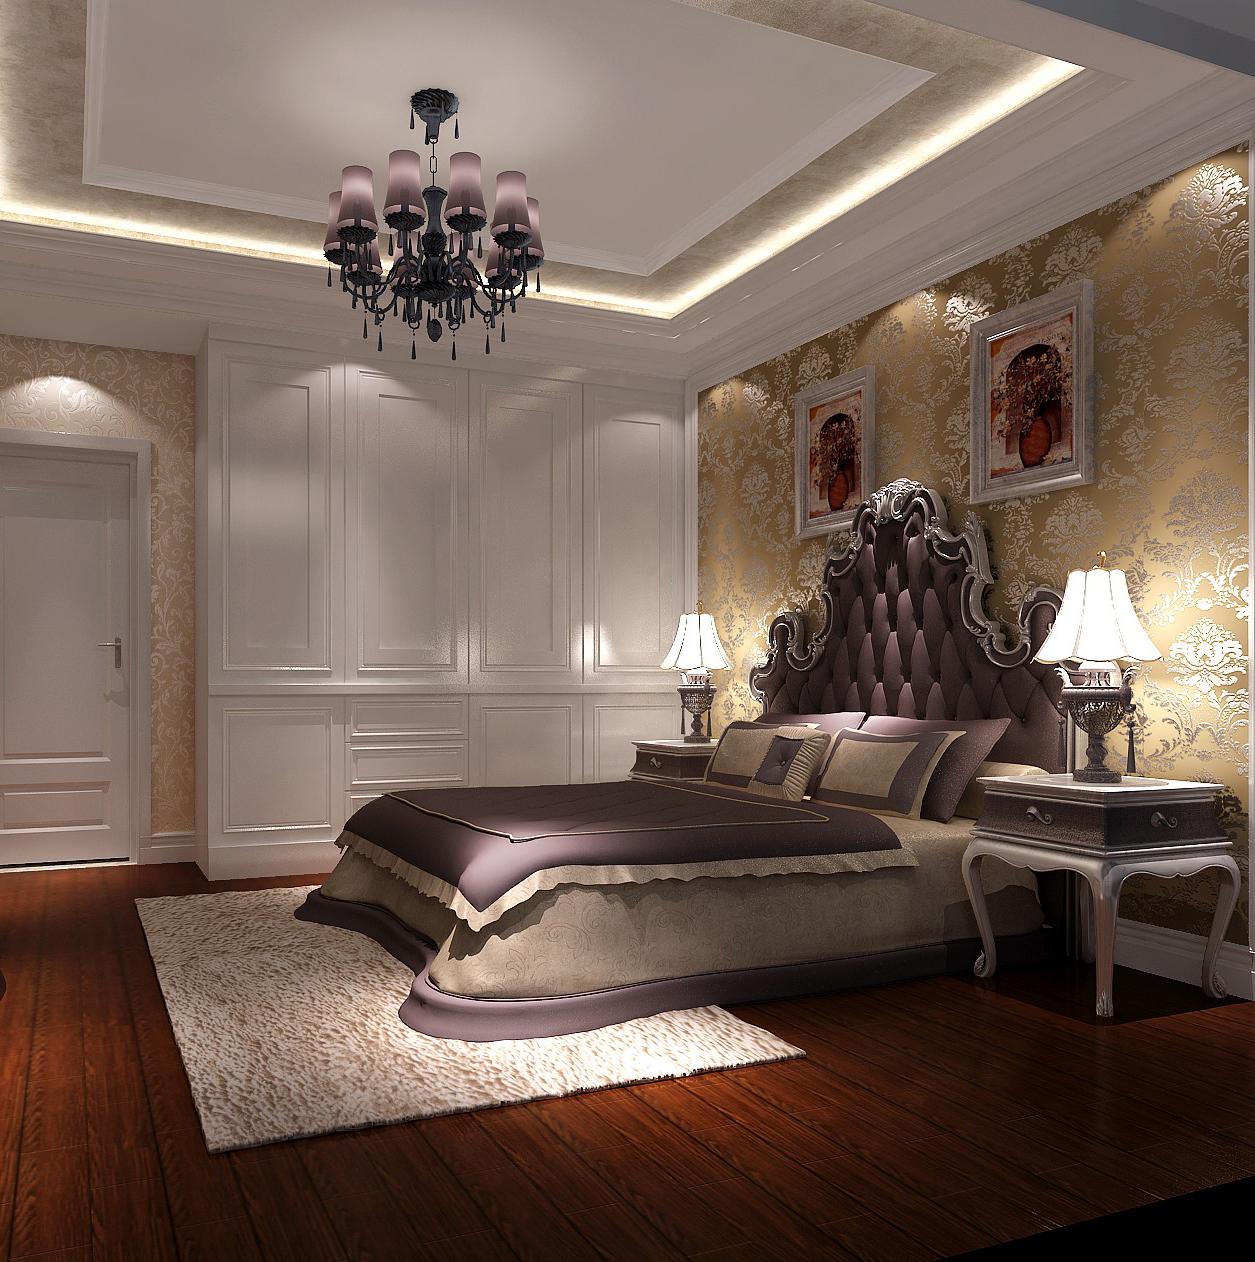 欧式 三居 小资 80后 北京装修 高度国际 装修报价 卧室图片来自高度国际装饰华华在M5郎峰欧式风格的分享